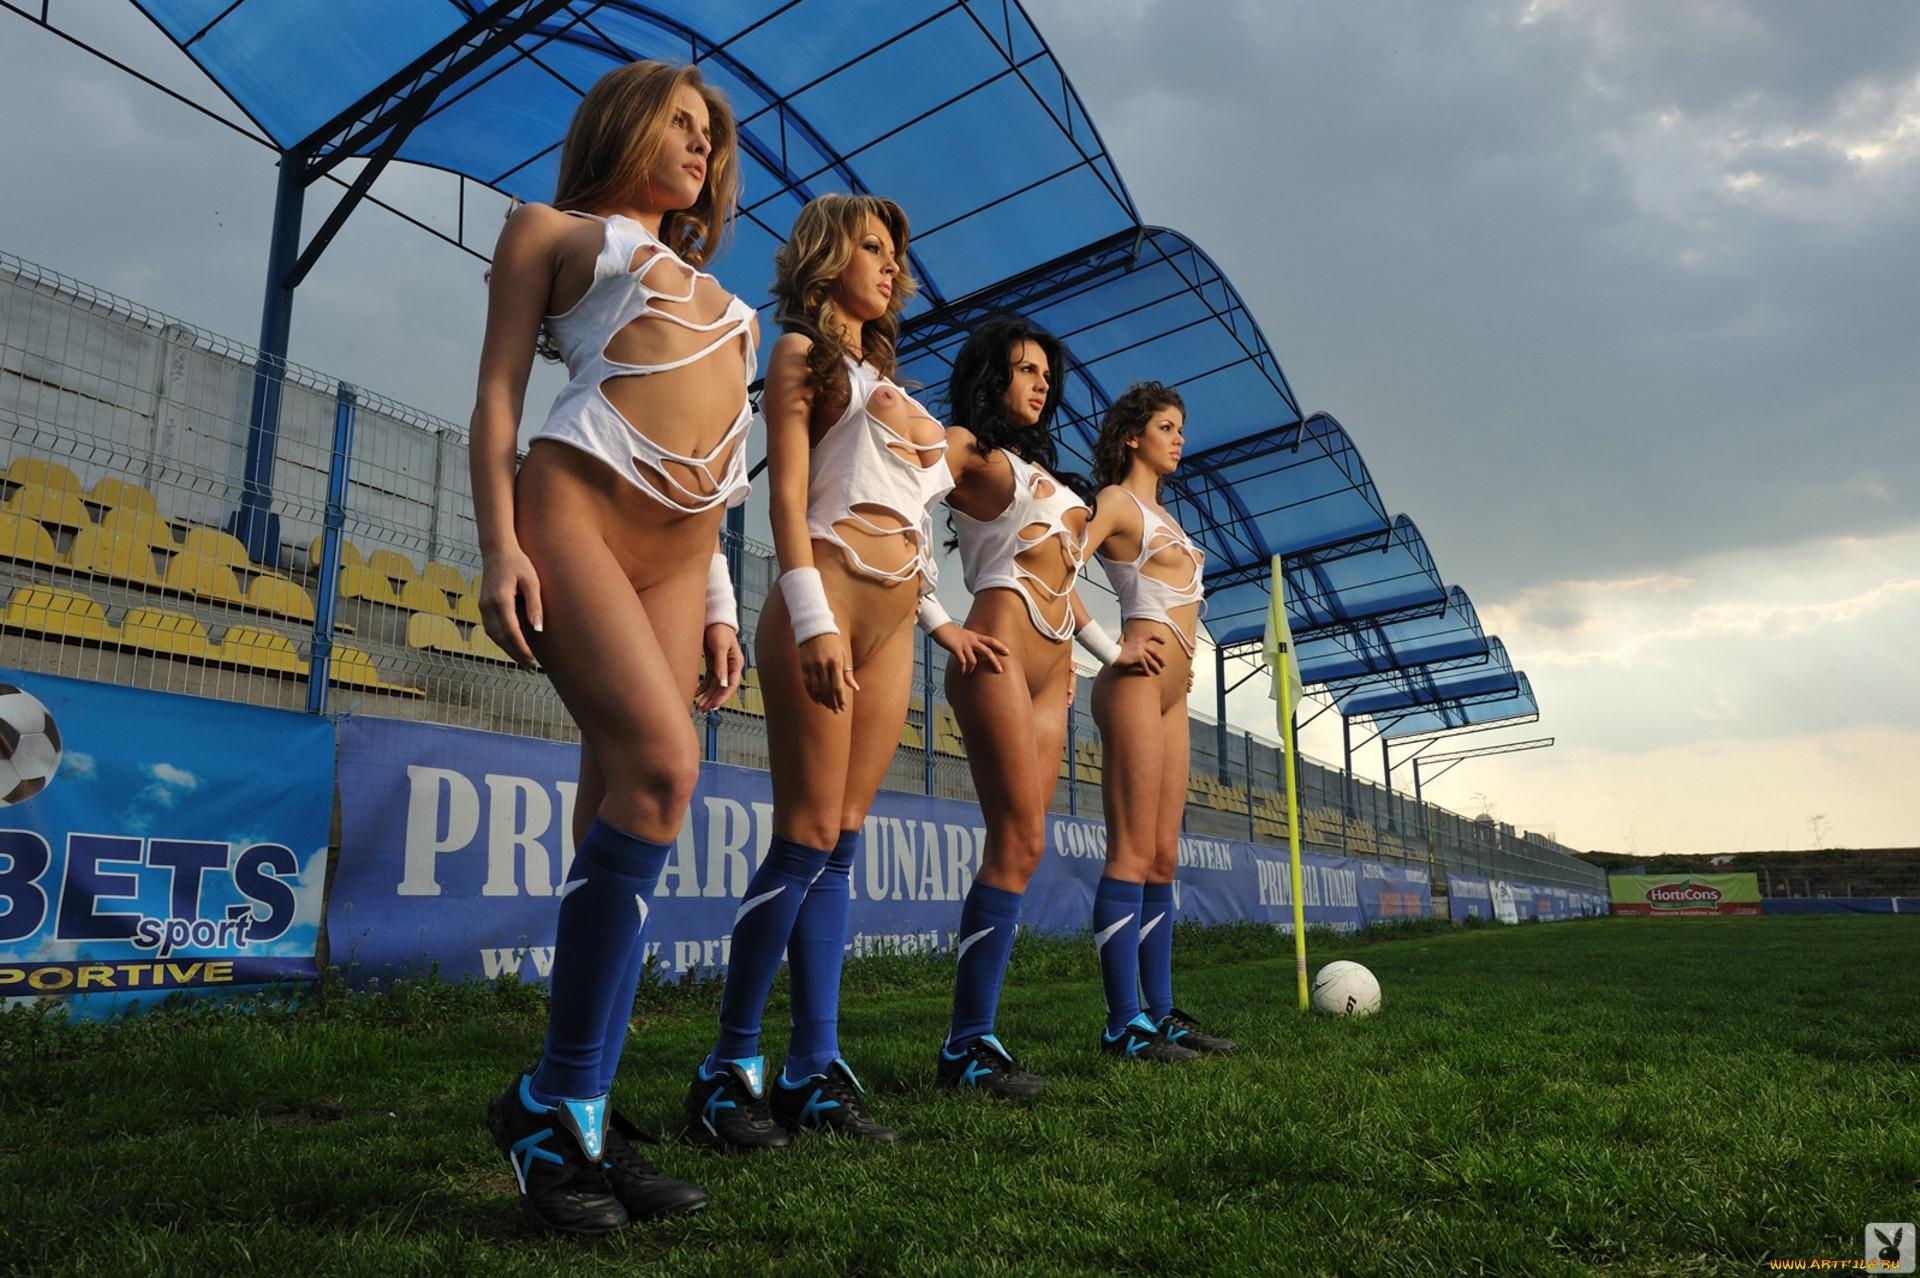 Трах на футбольном поле 18 фотография